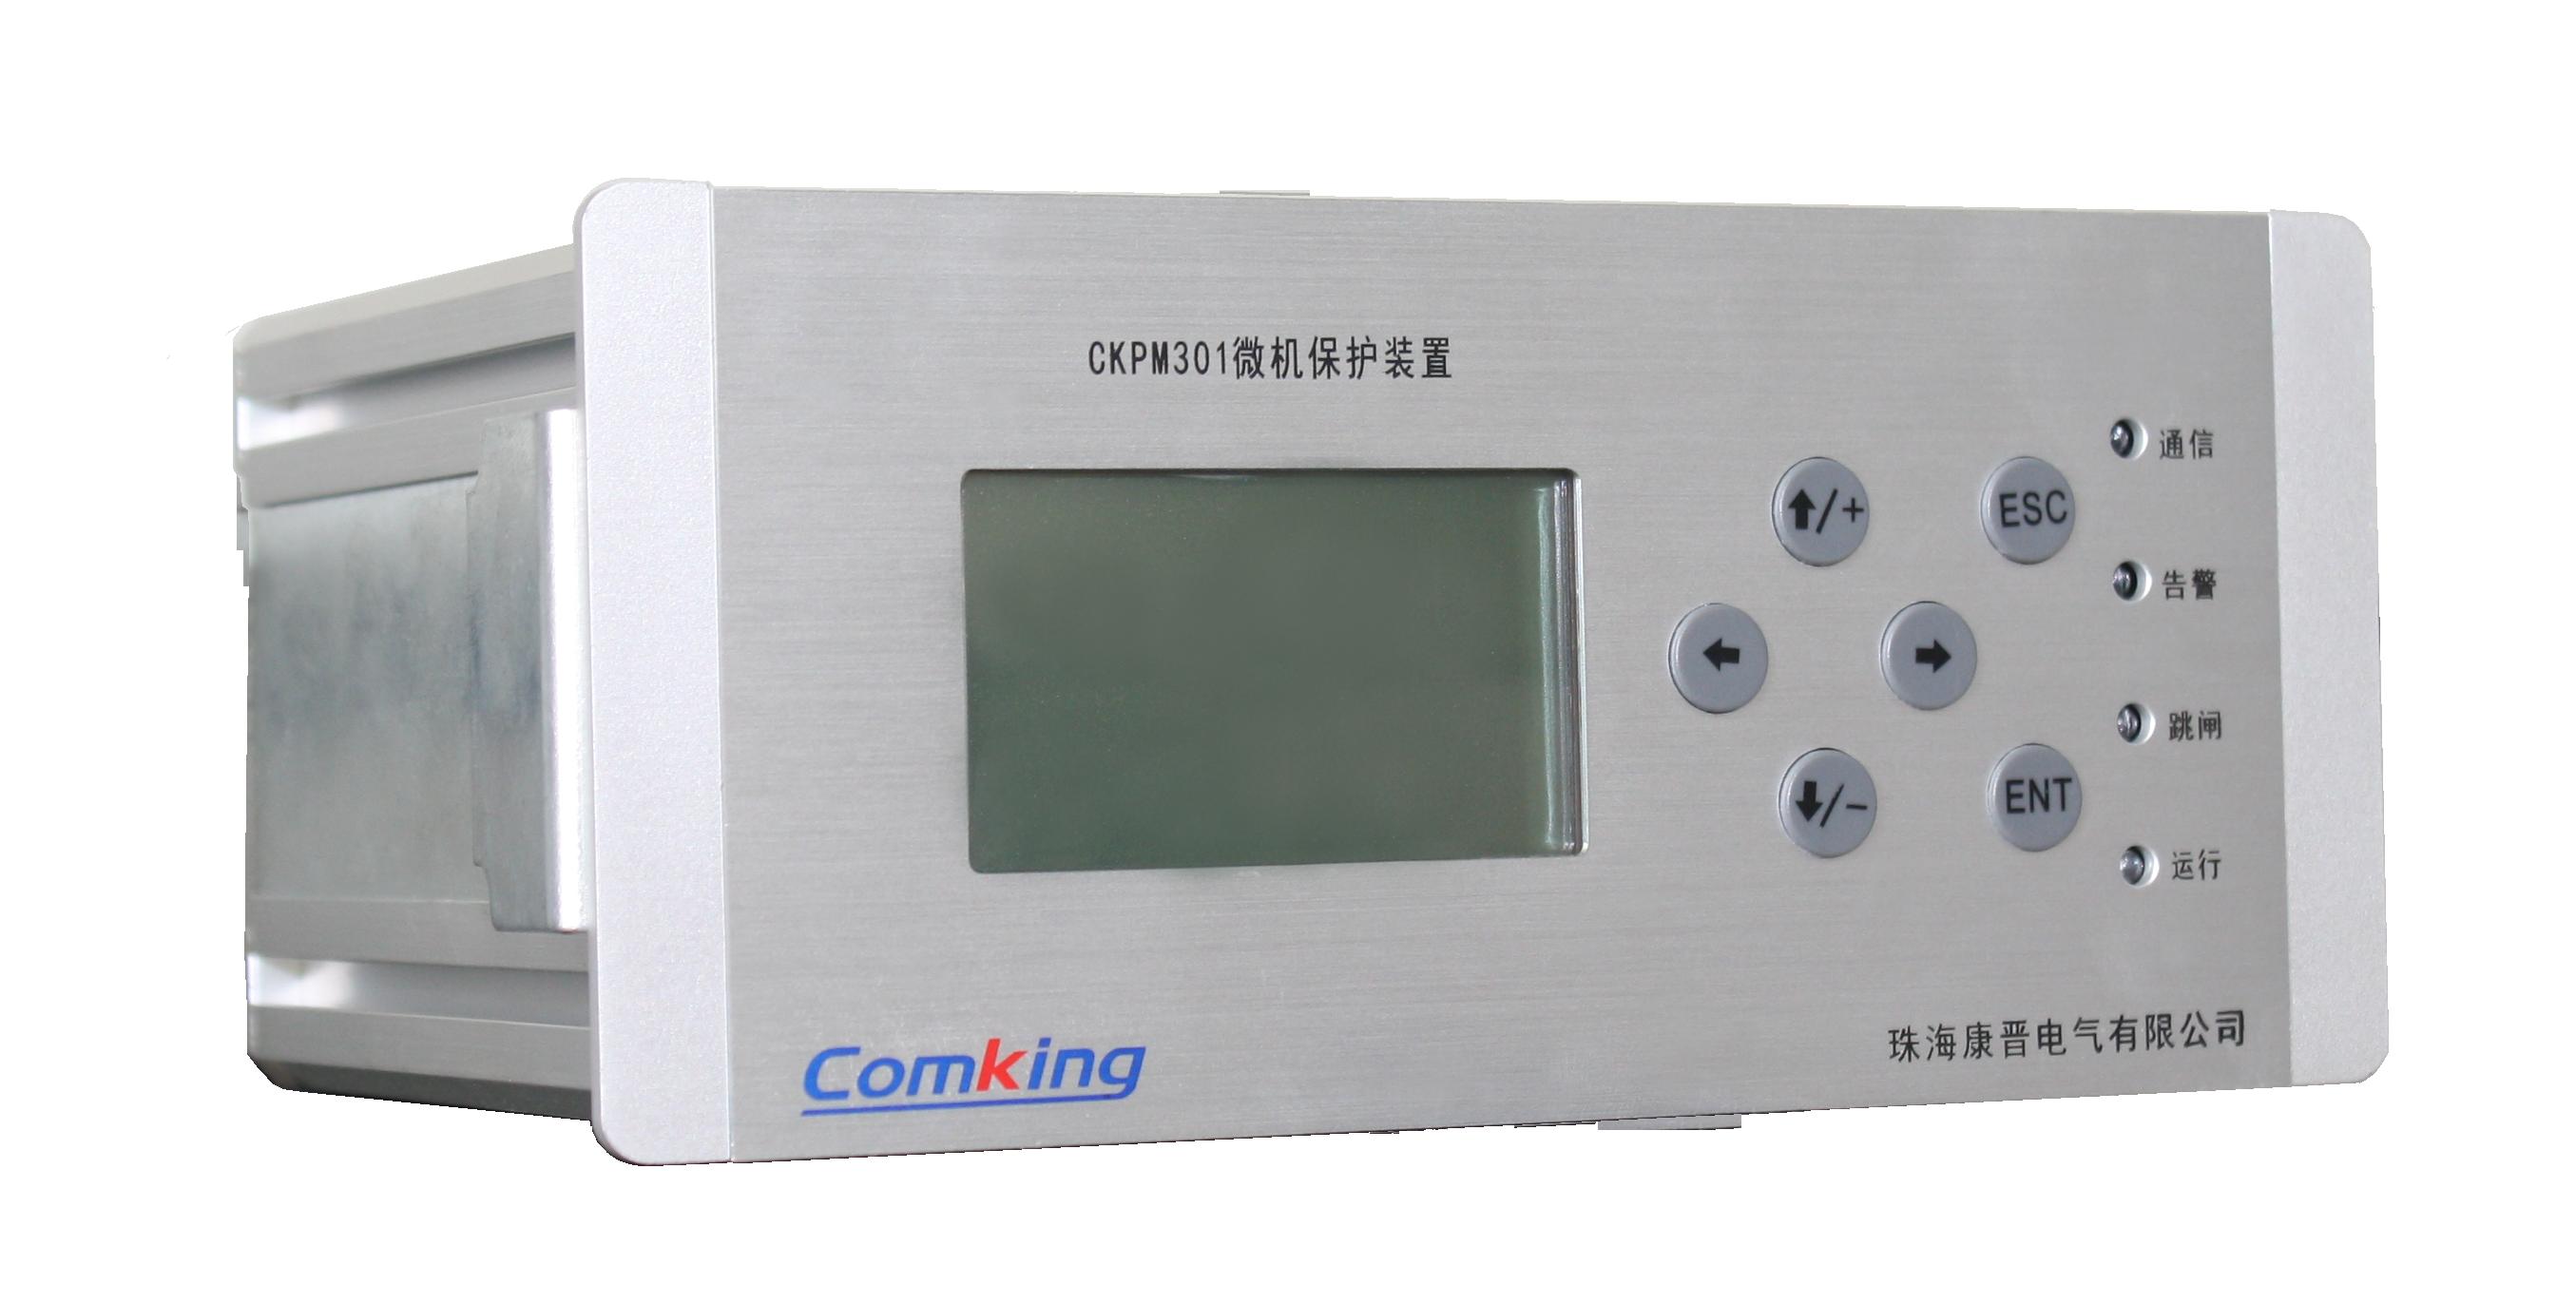 CKPM301微机保护装置